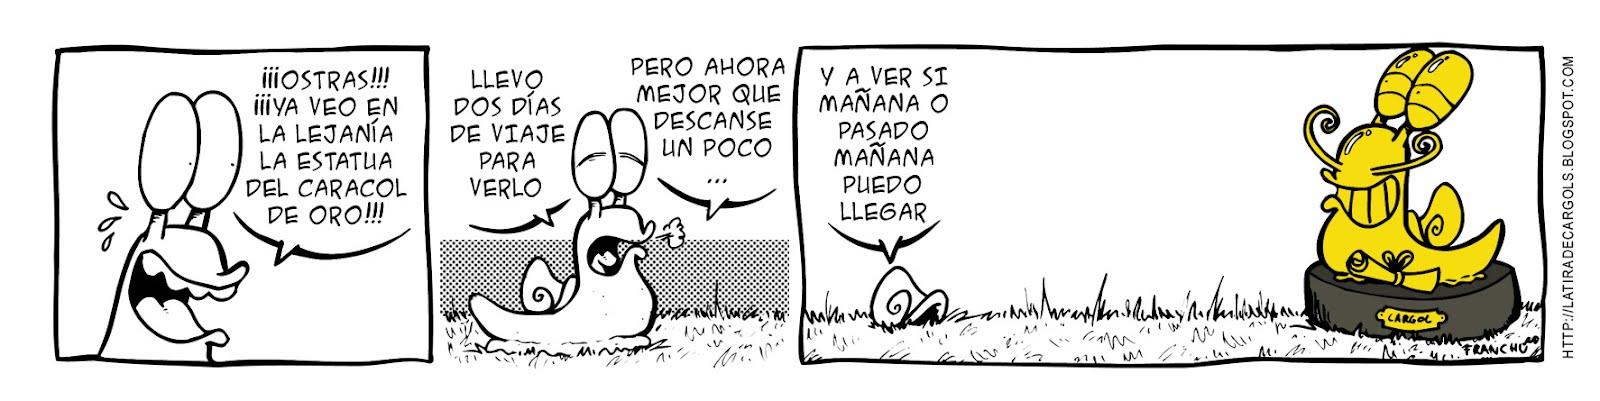 Tira comica 128 del webcomic Cargols del dibujante Franchu de Barcelona